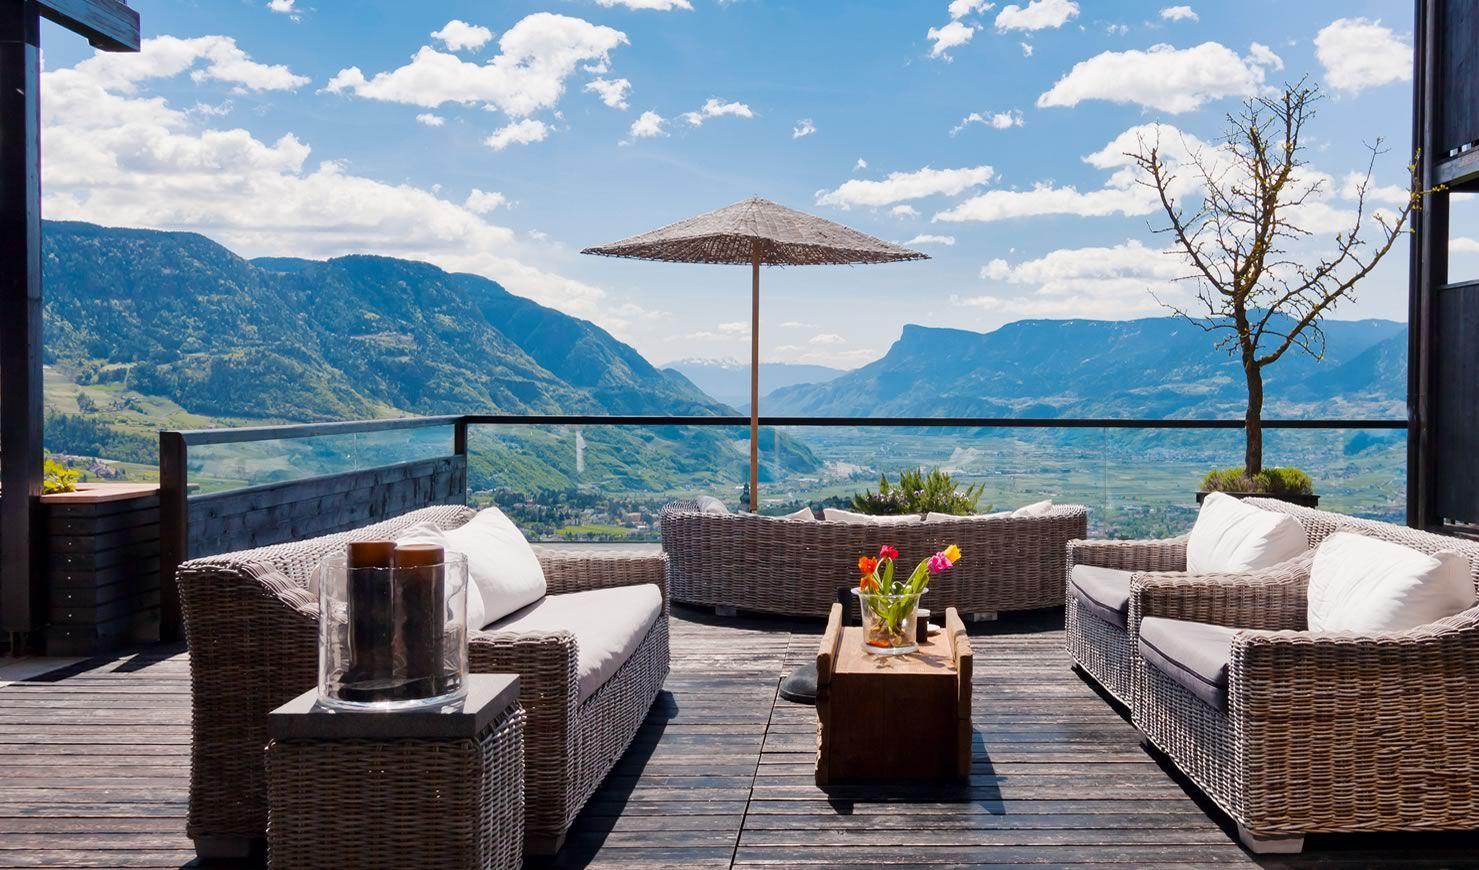 Hotel der k glerhof dorf tirol bei meran bellemaison for Meran design hotel